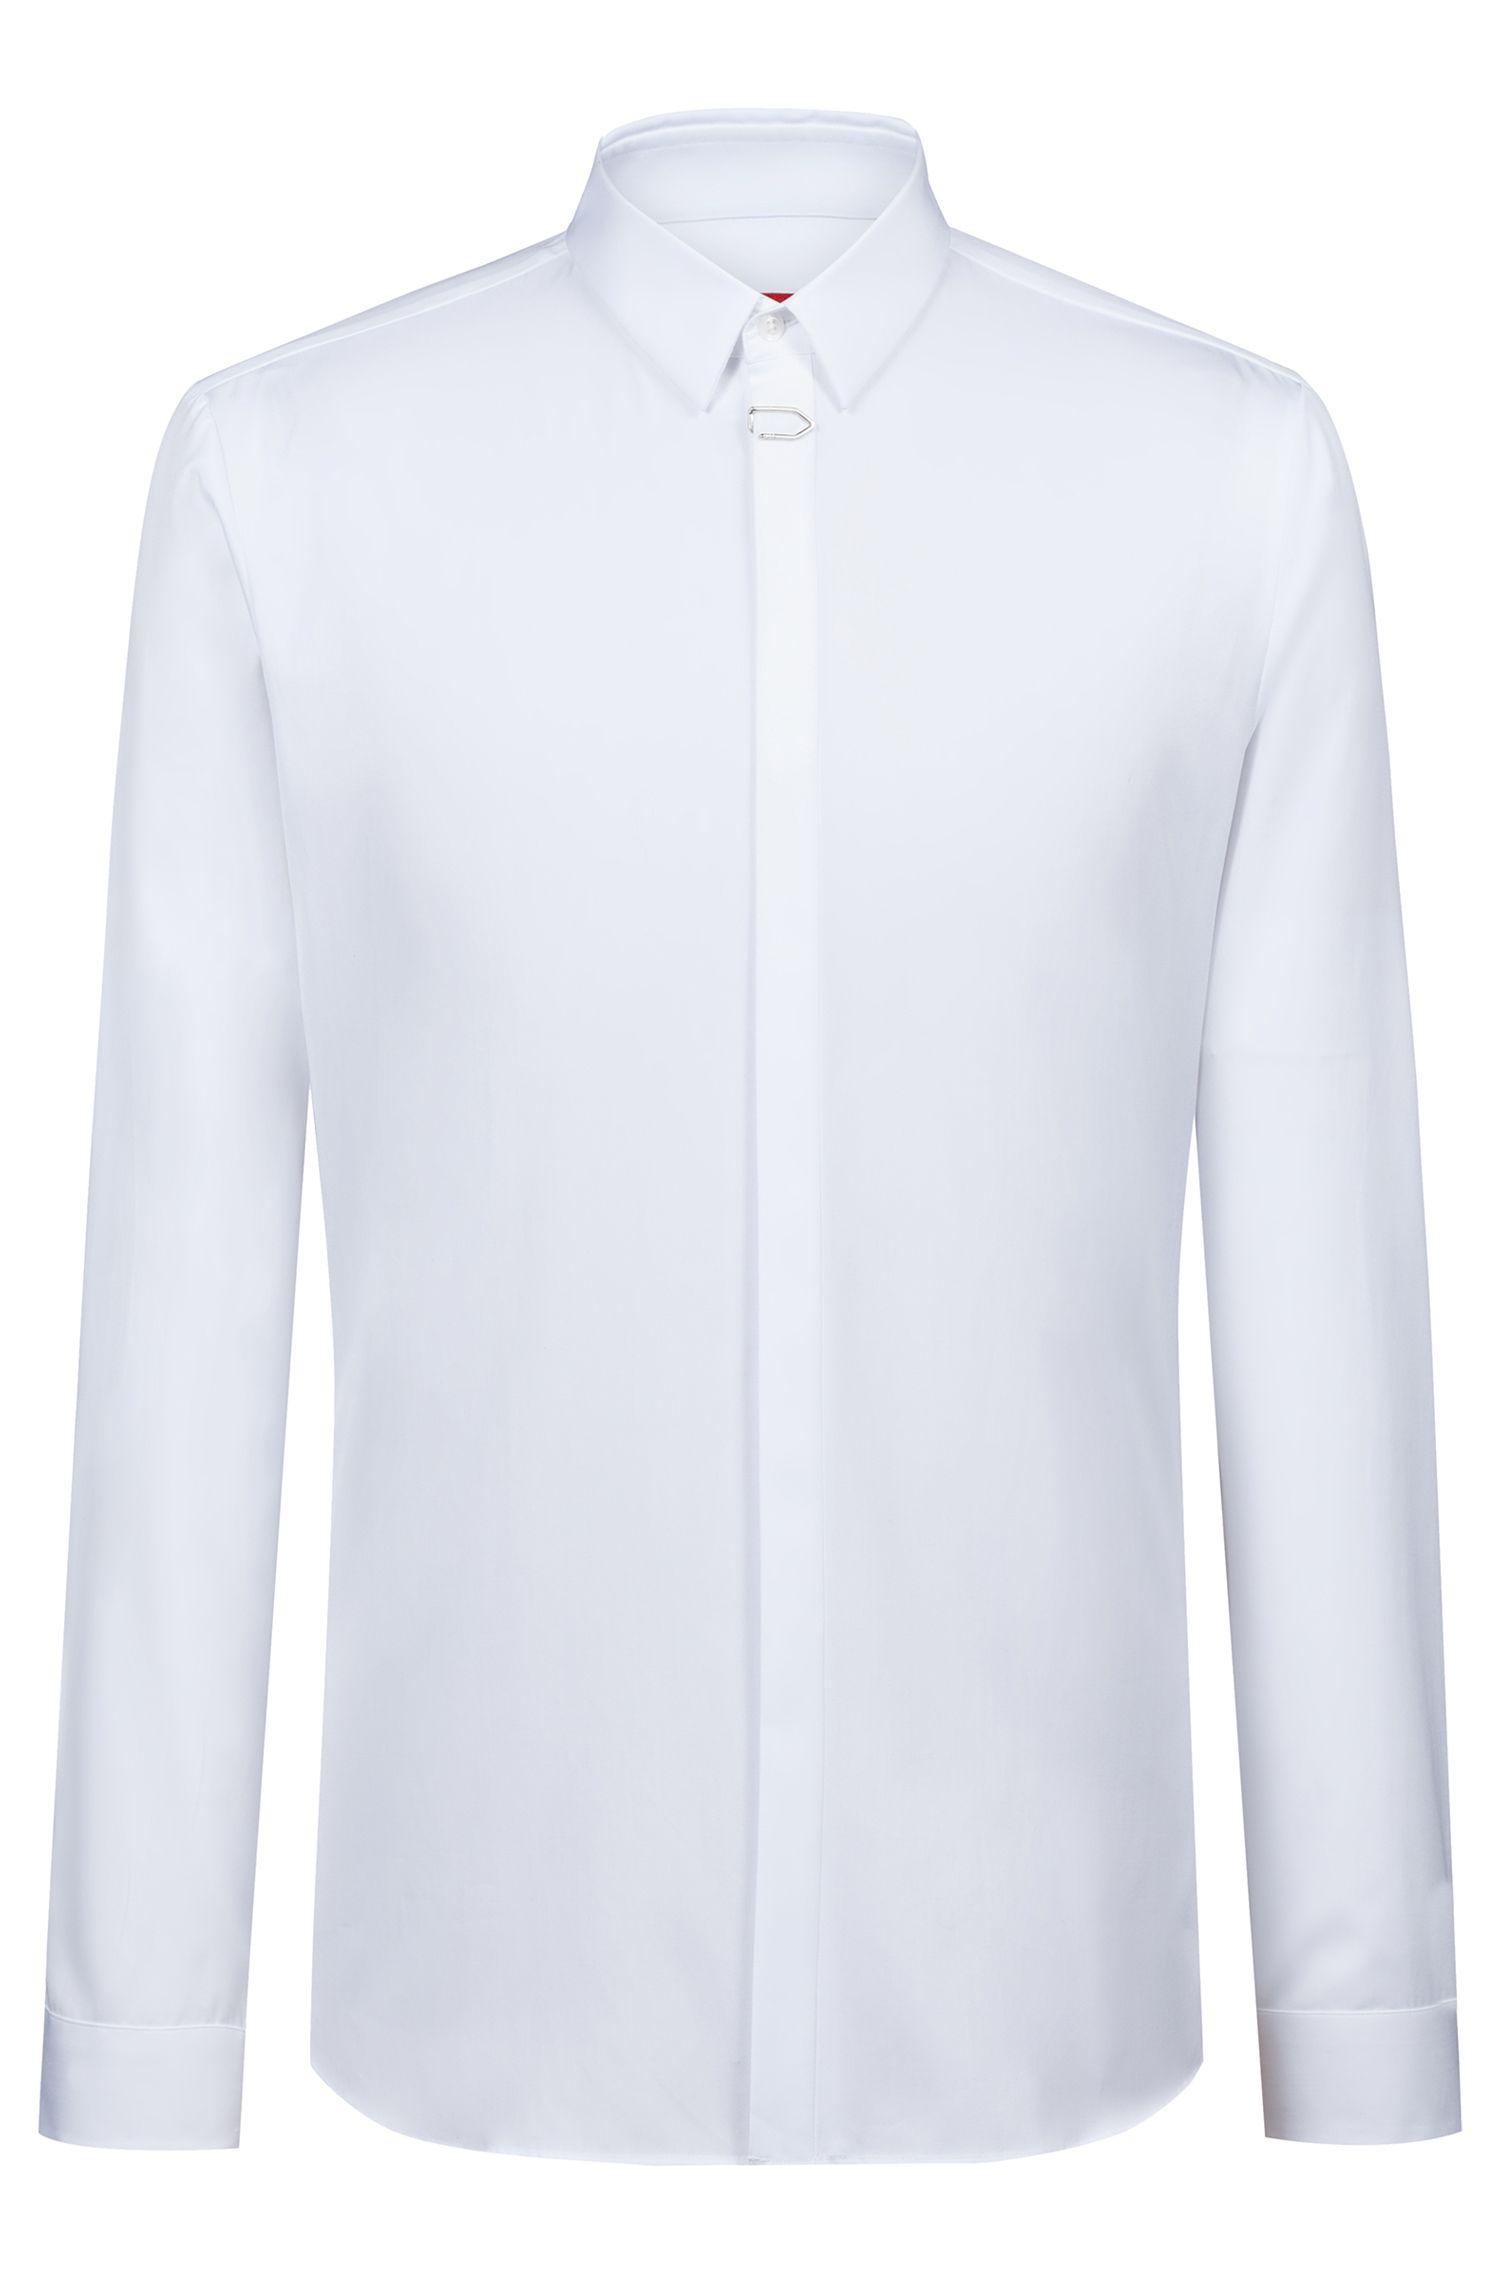 Chemise Extra Slim Fit en coton avec pince sur la patte de boutonnage, Blanc